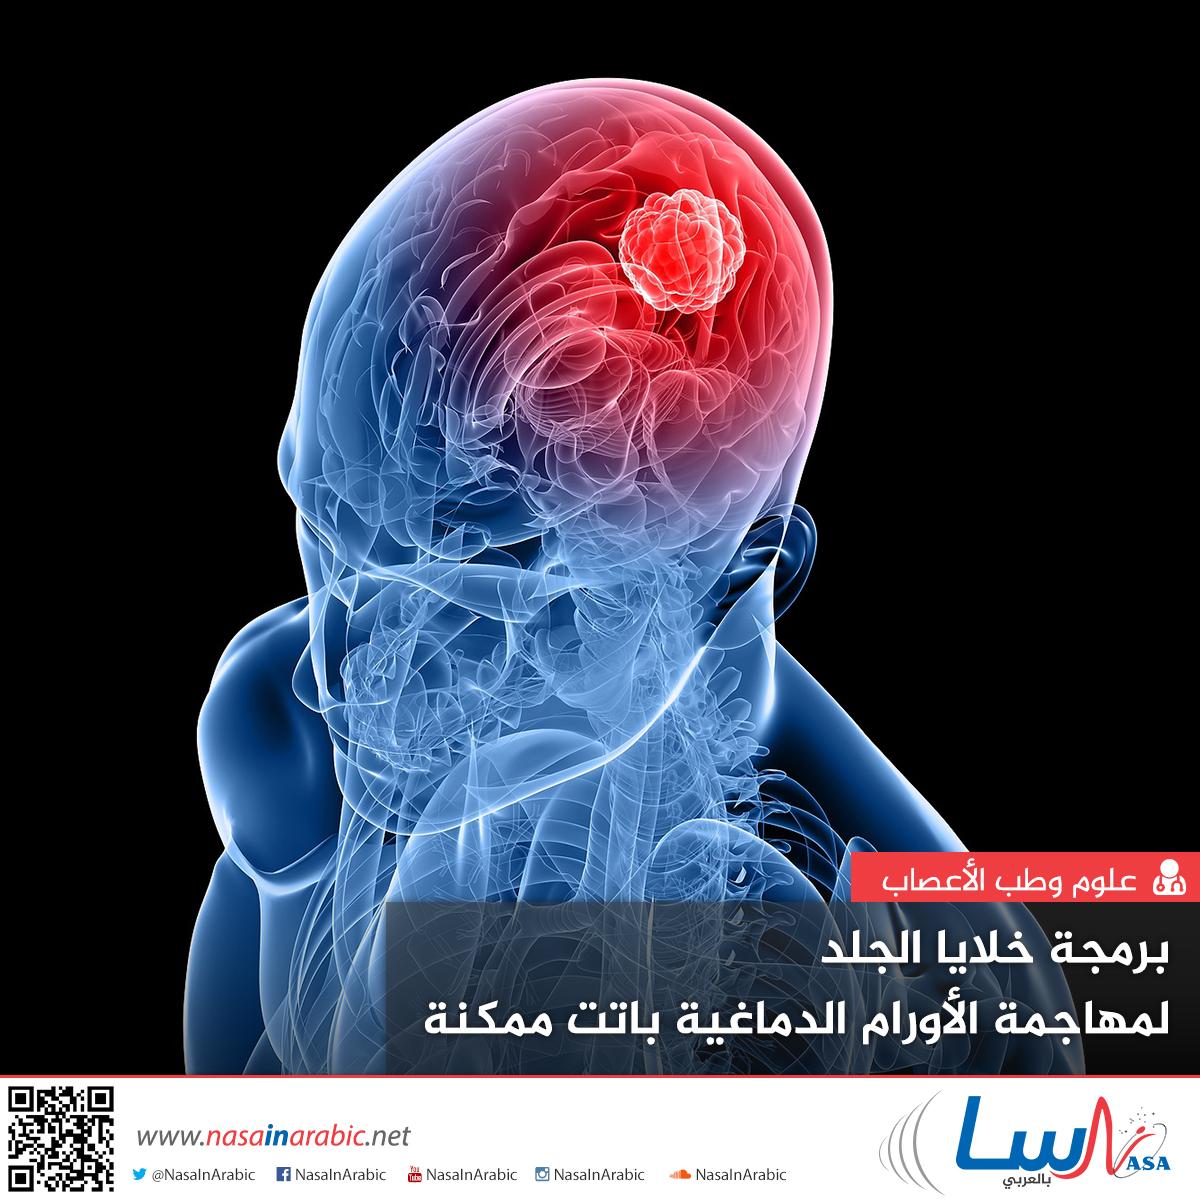 برمجة خلايا الجلد لمهاجمة الأورام الدماغية باتت ممكنة